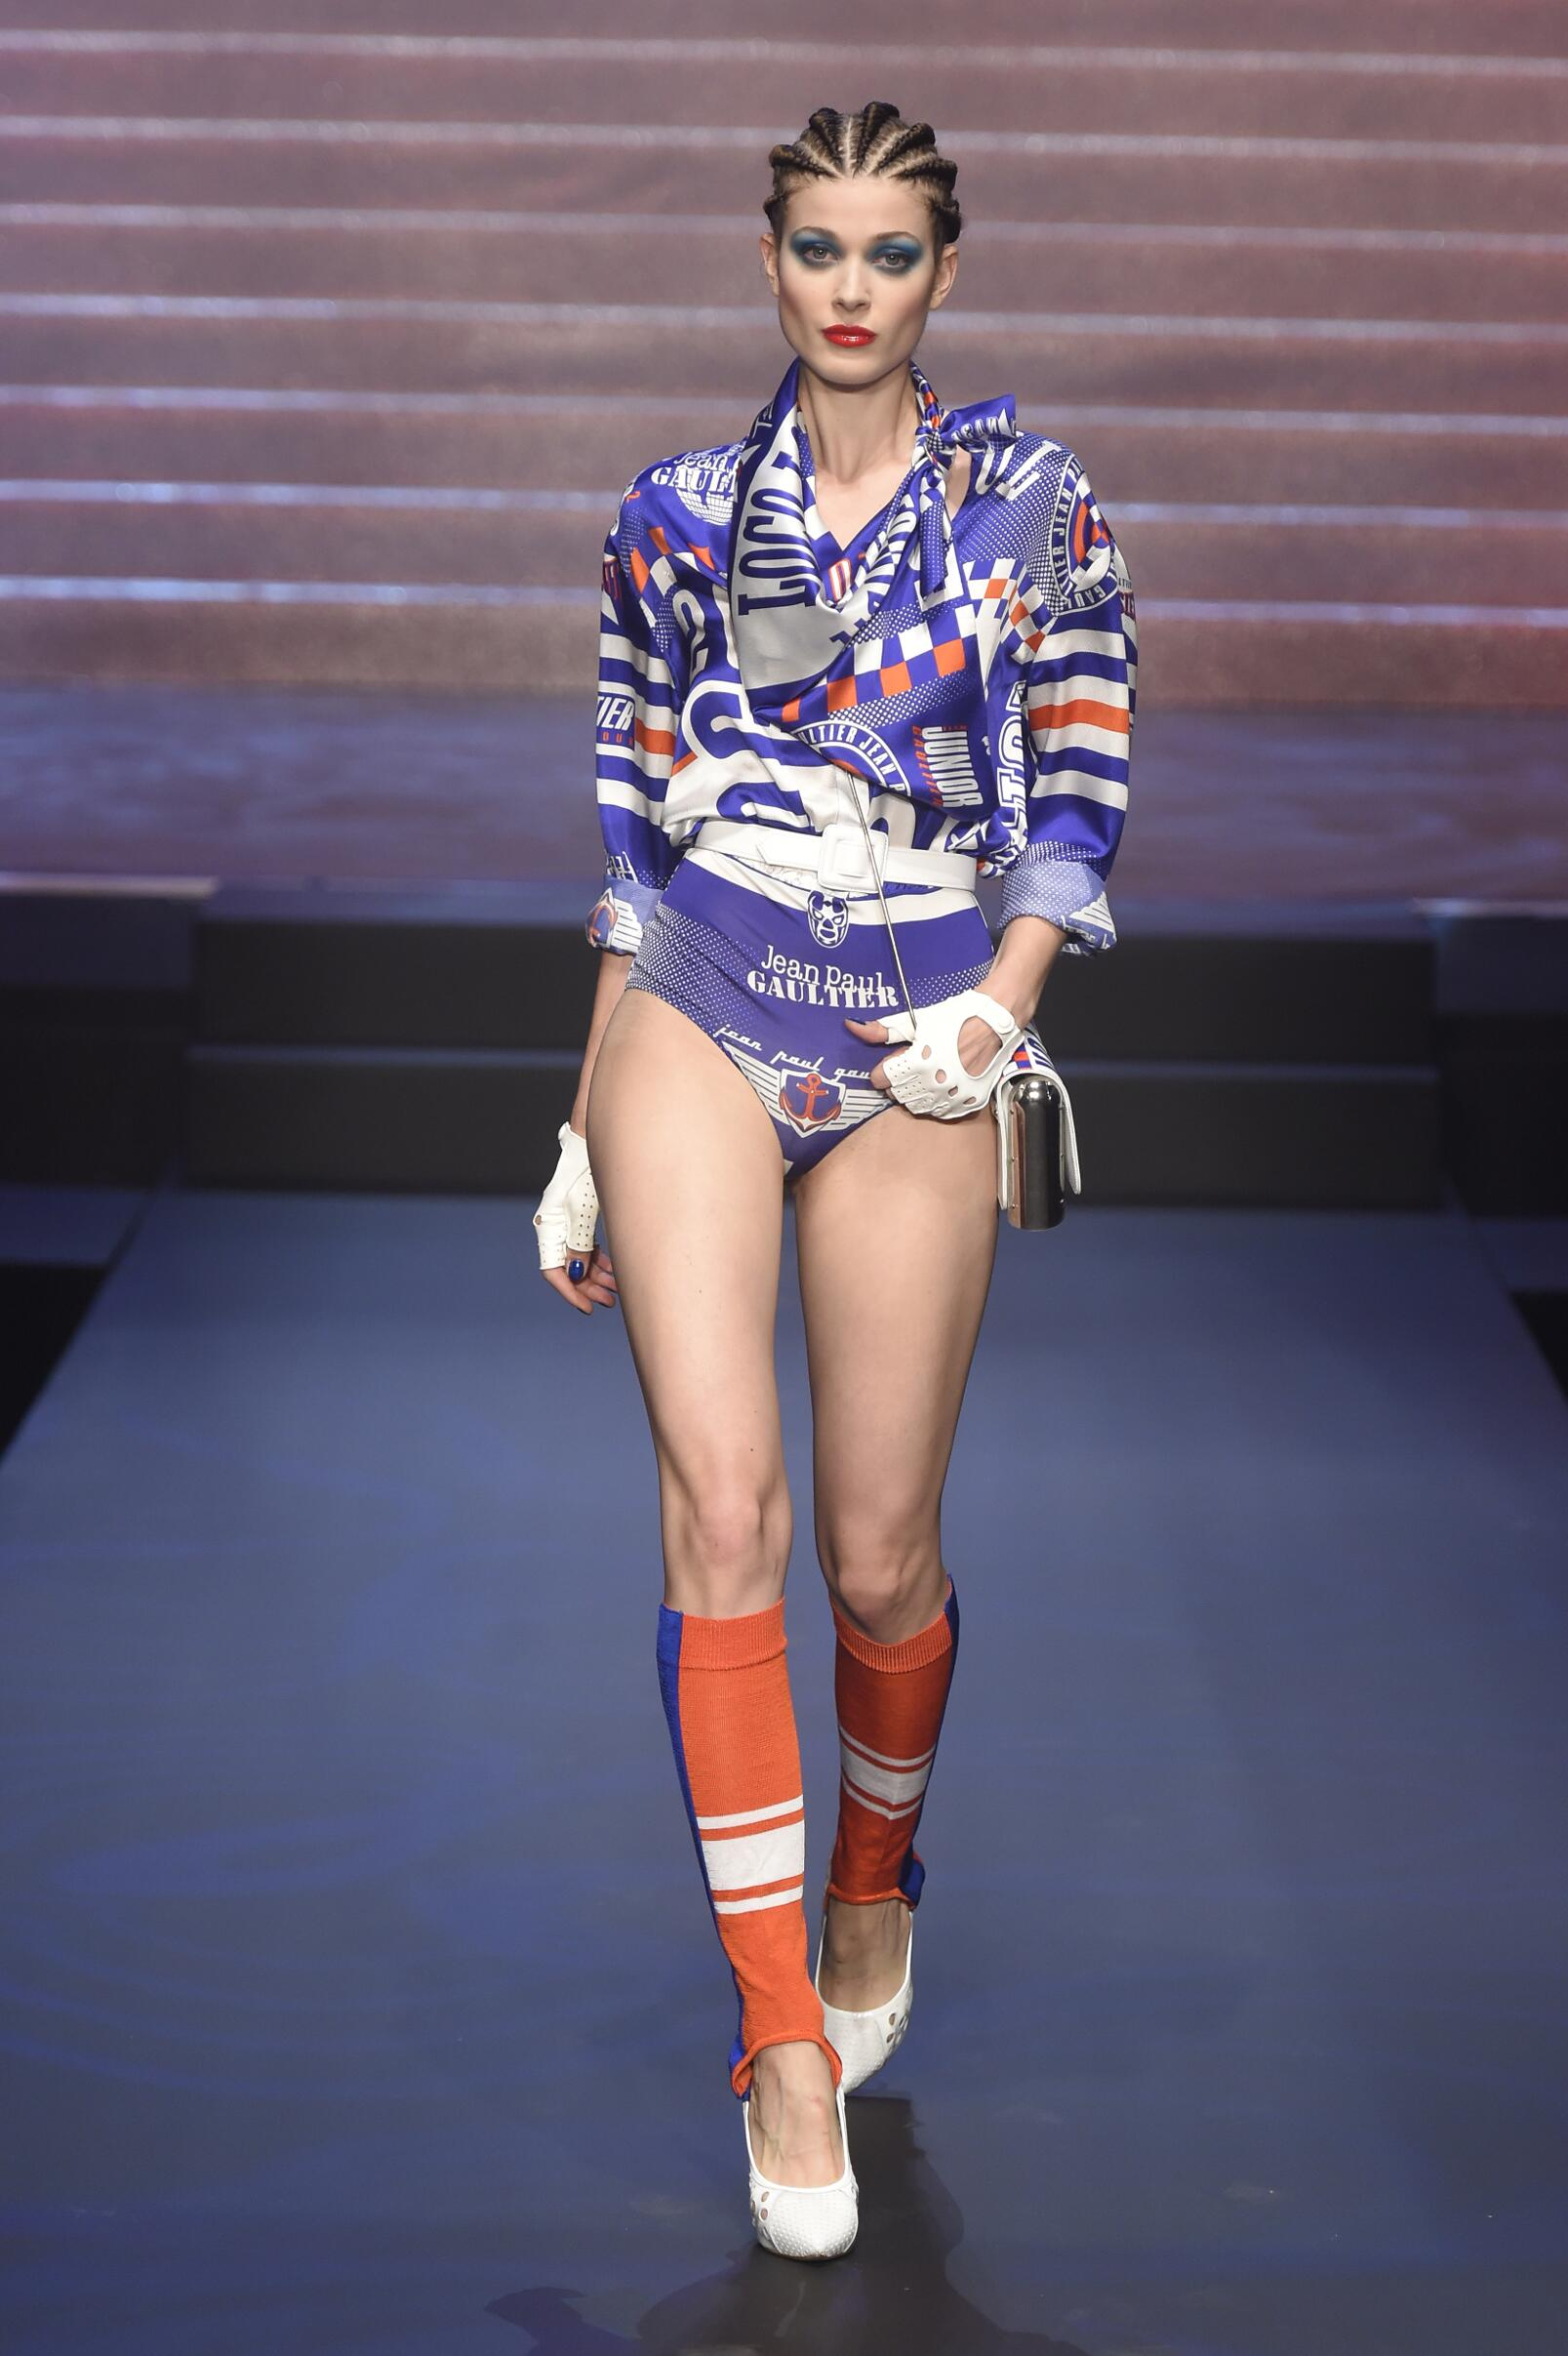 Jean Paul Gaultier SS 2015 Womenswear